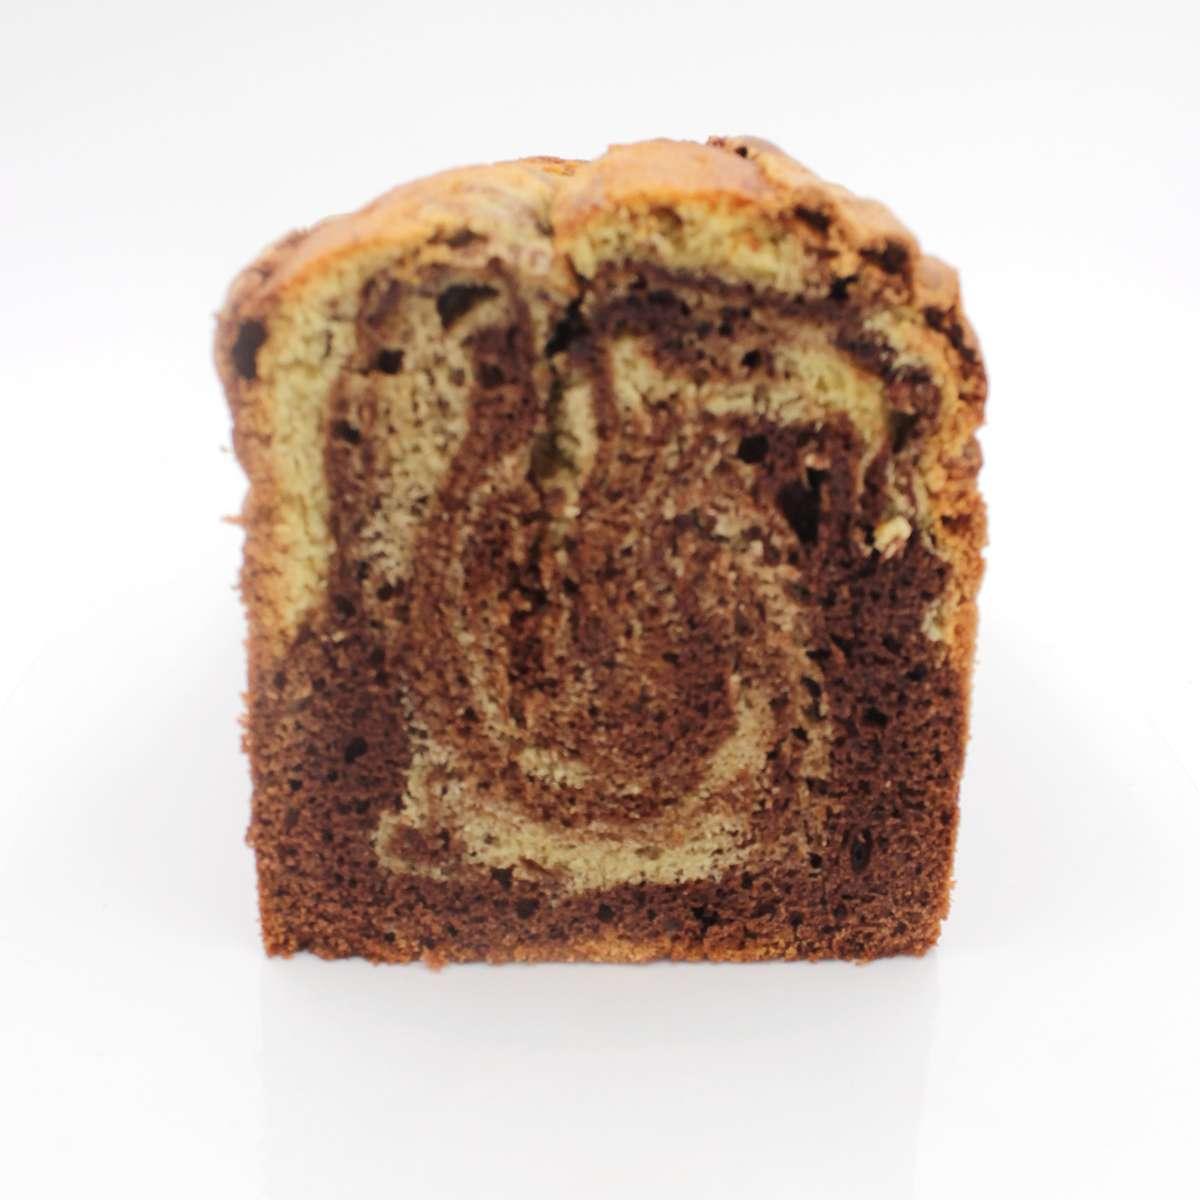 Photo en coupe de ce gâteau marbré au chocolat vanille